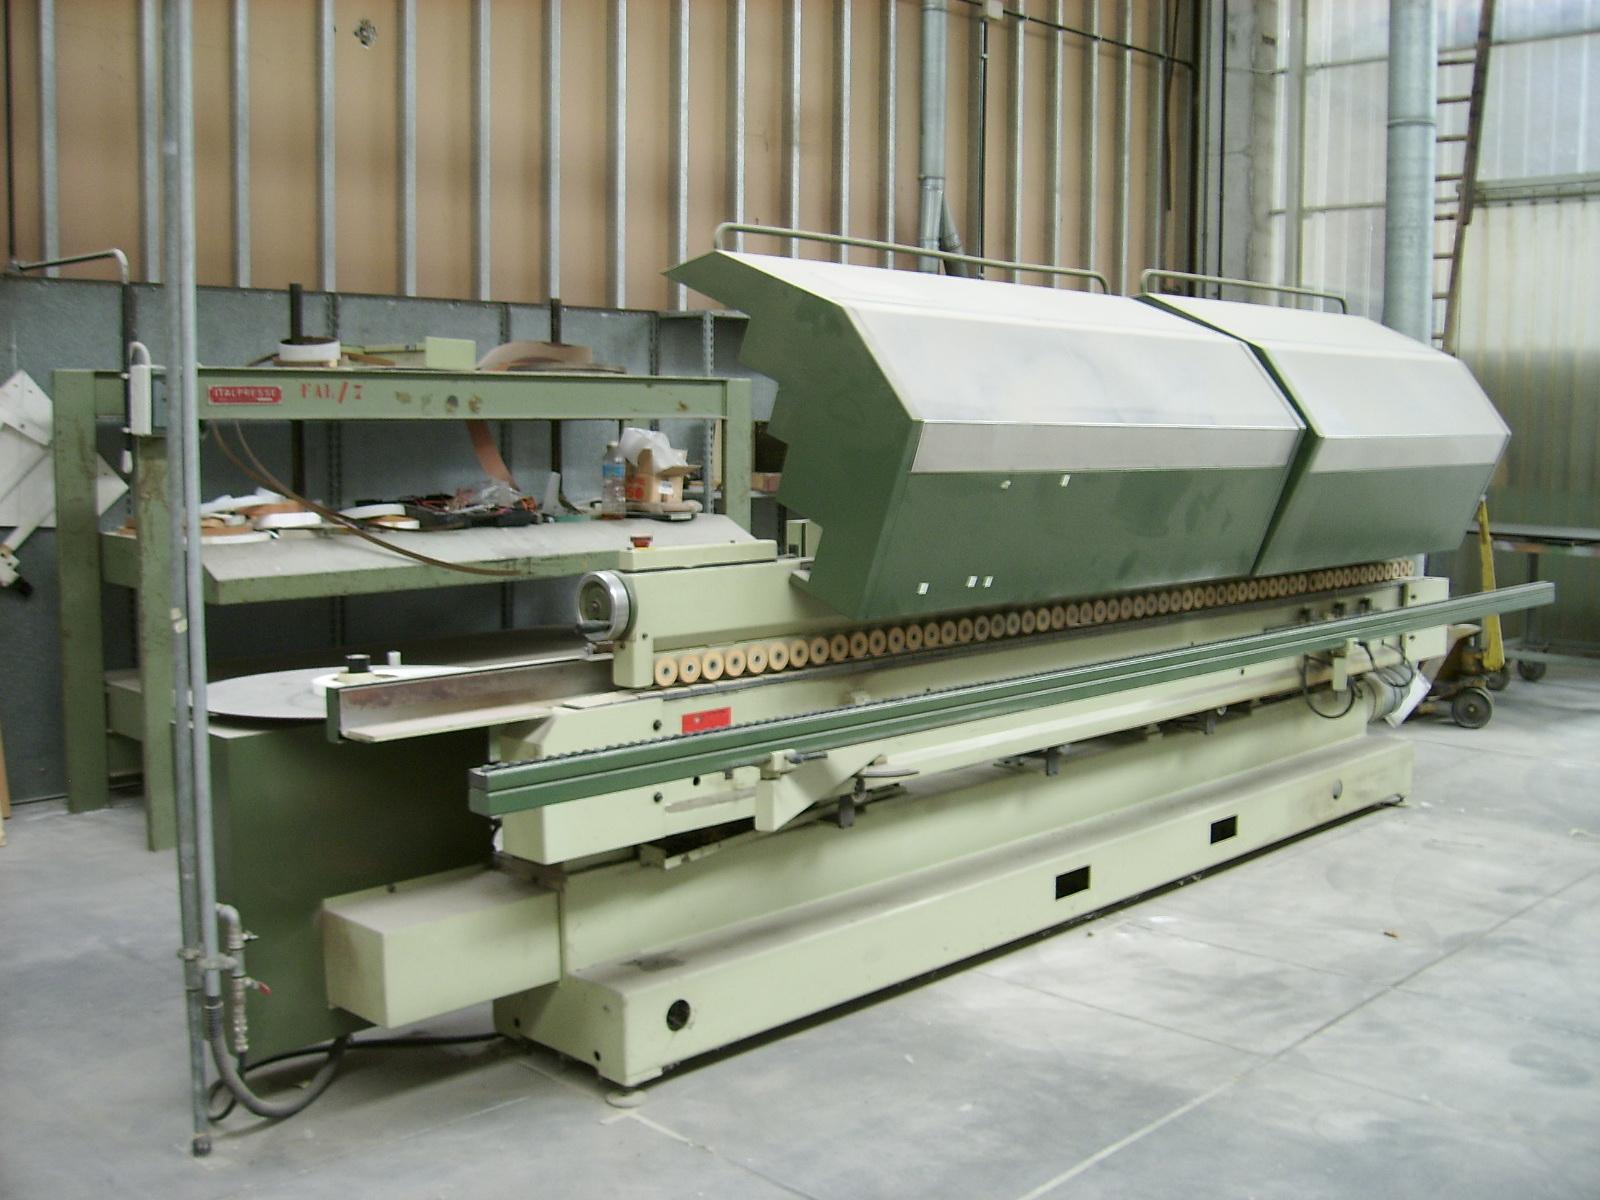 Bordatrice automatica per piani in legno macchinari usati for Cabina a 2 piani